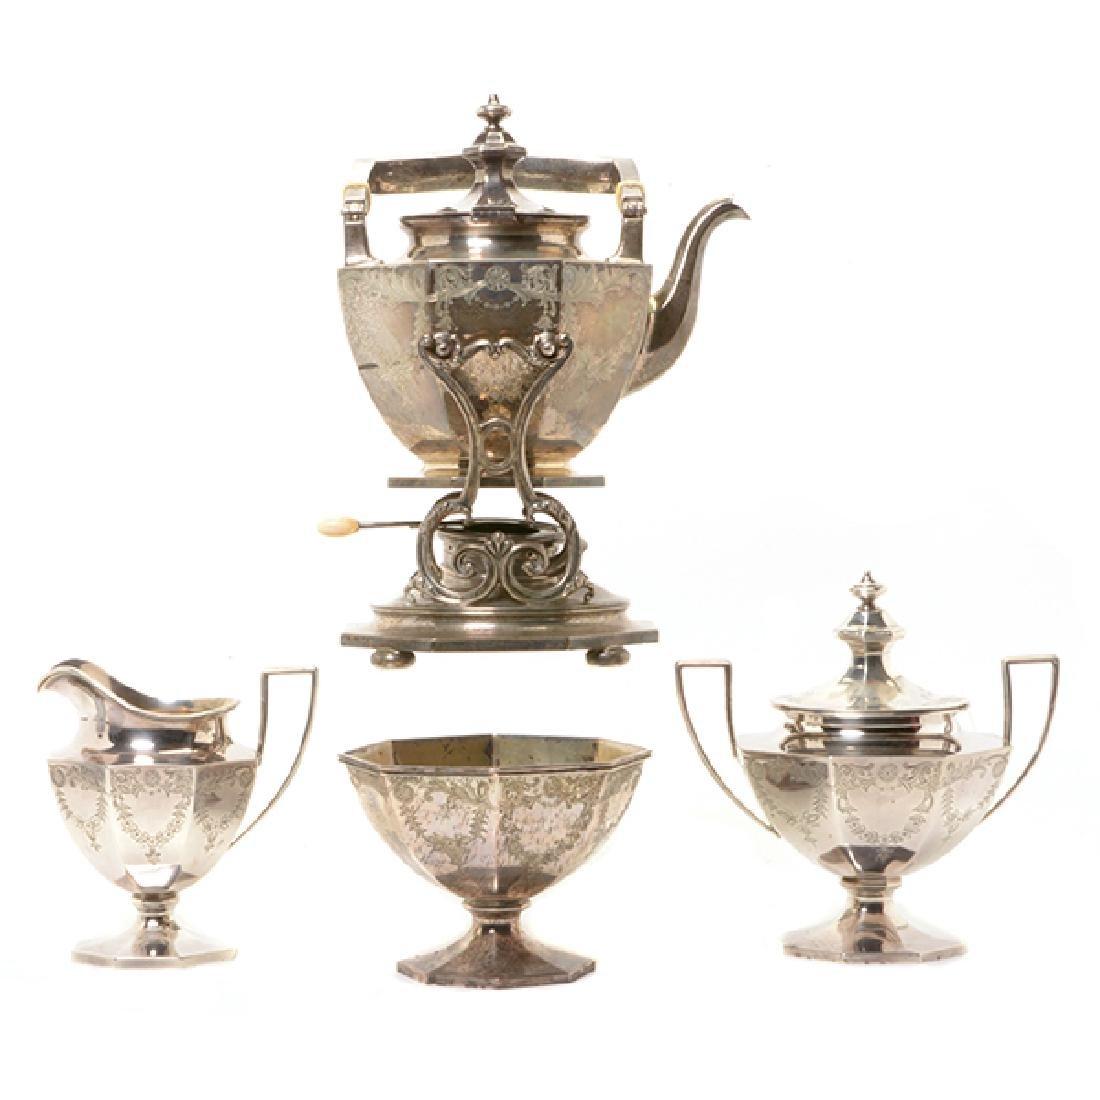 Gorham Sterling Octagonal Form Etched Tea Service